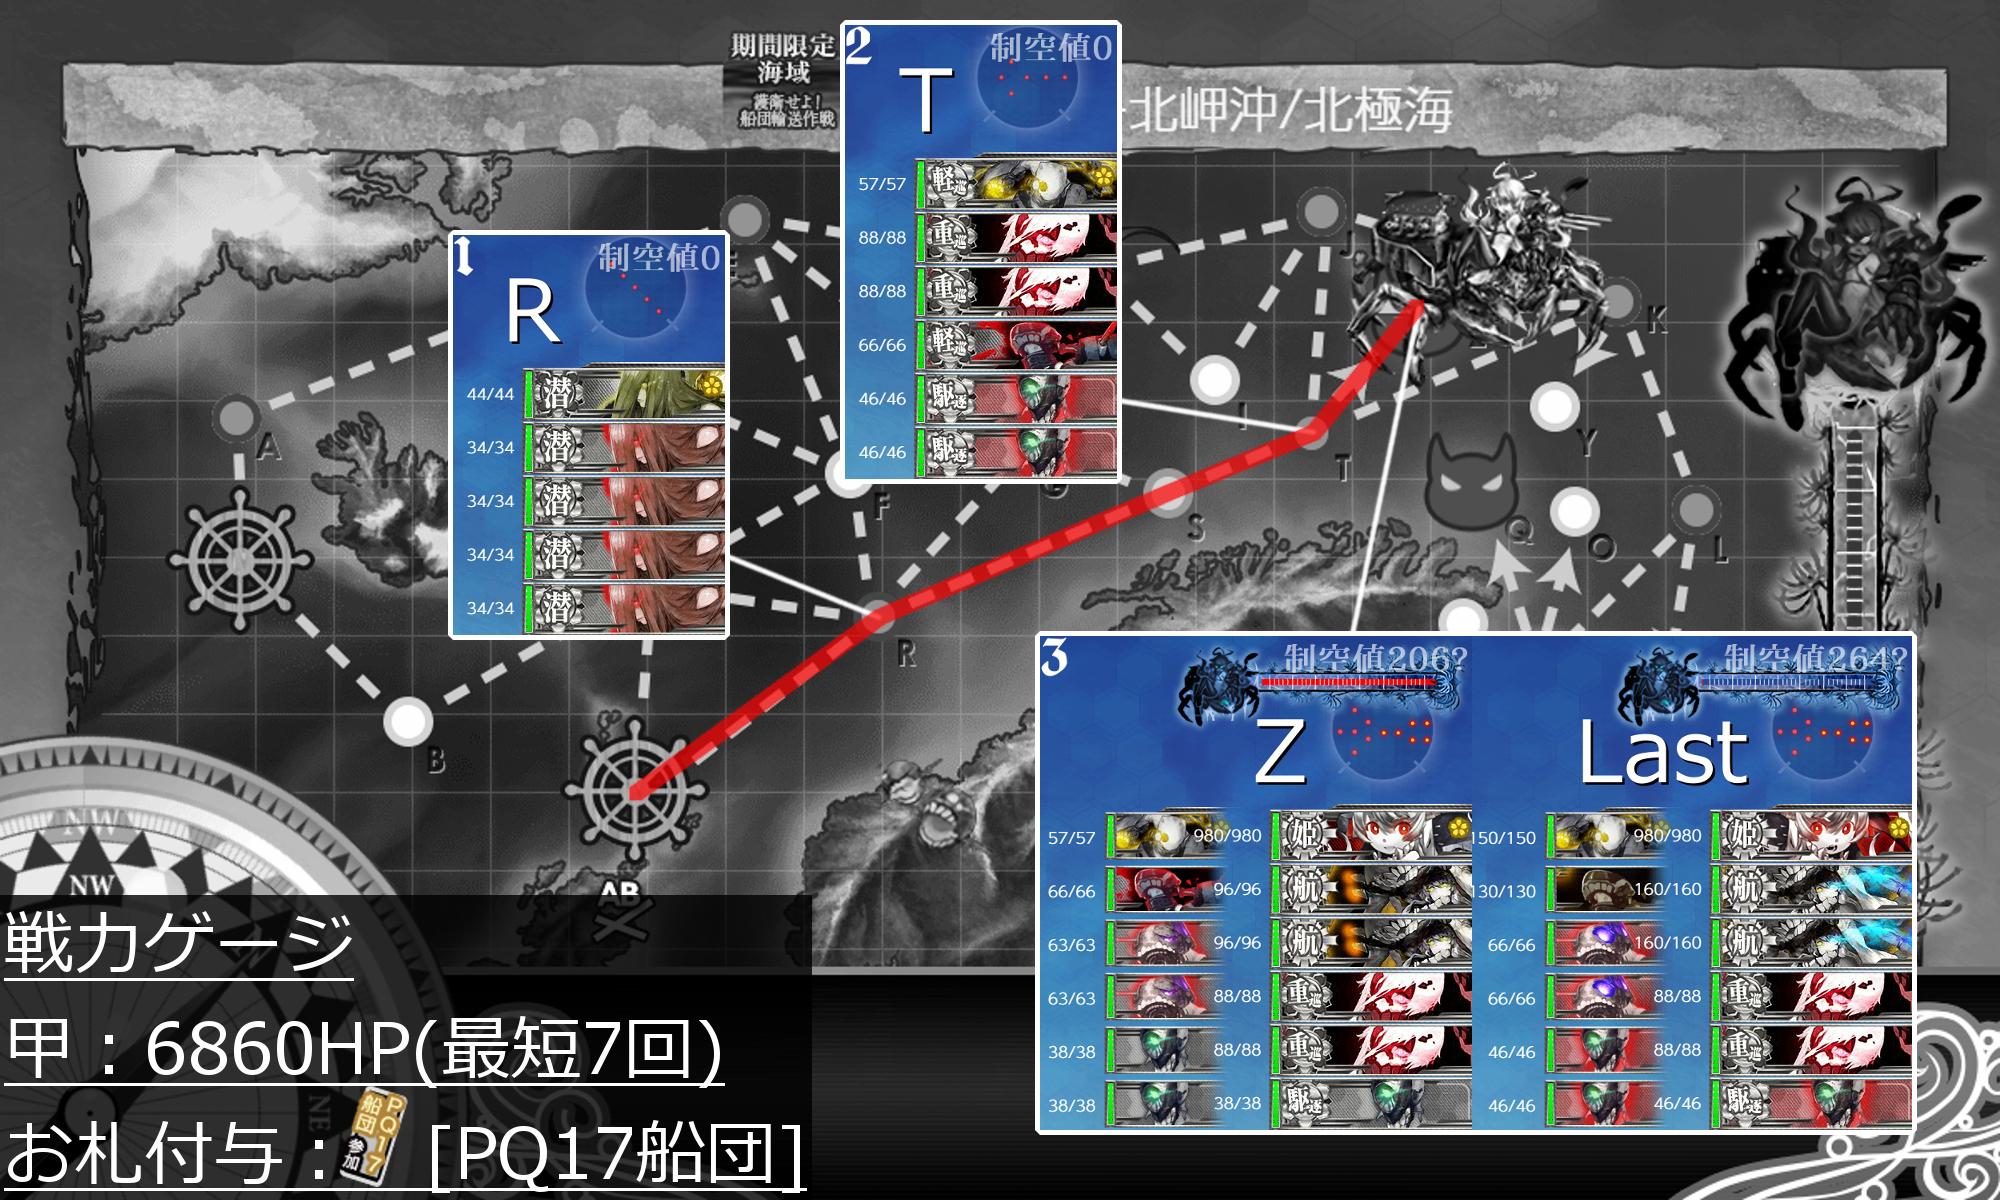 イベ 2020 e3 艦 これ 梅雨 【艦これ】20梅雨イベE3掘りについて:しえらのブロマガ